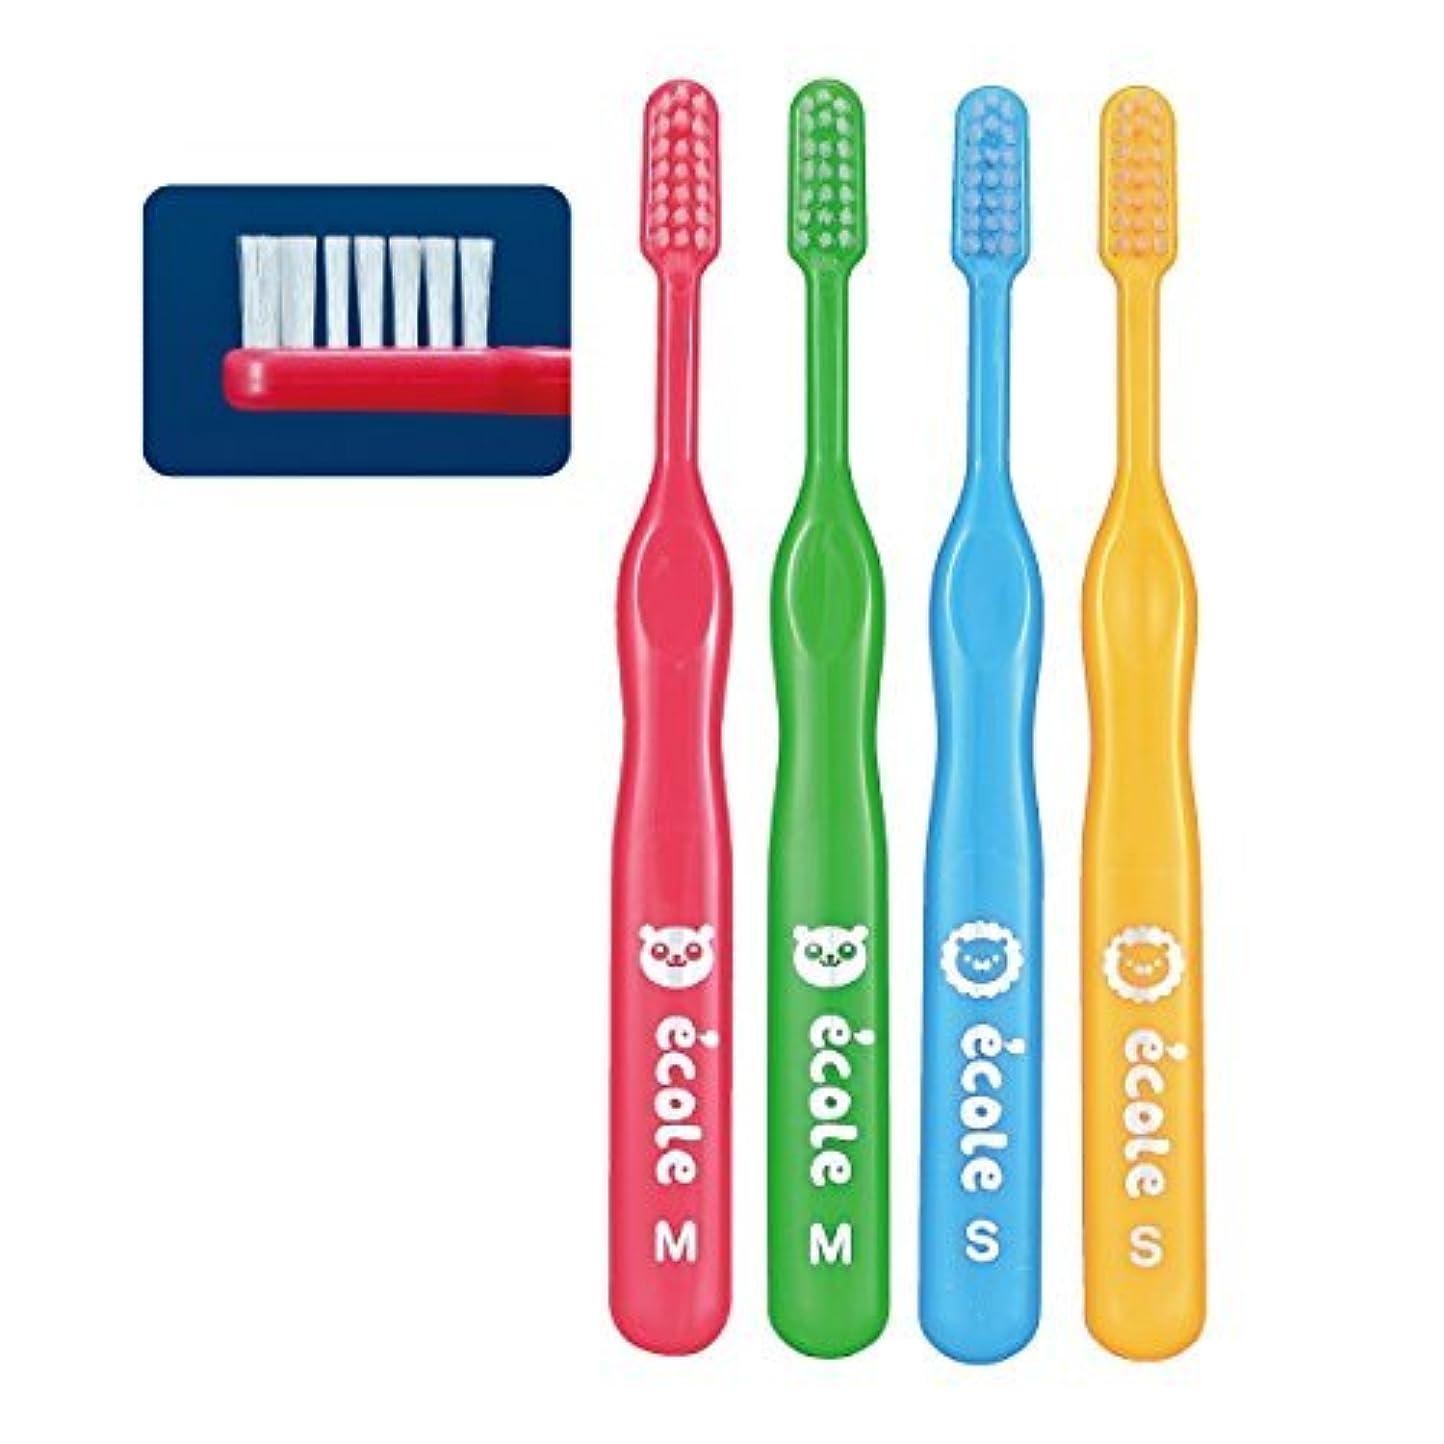 コードレス鏡腐敗リセラ エコル 幼児~小学生用歯ブラシ Mふつう 10本入り